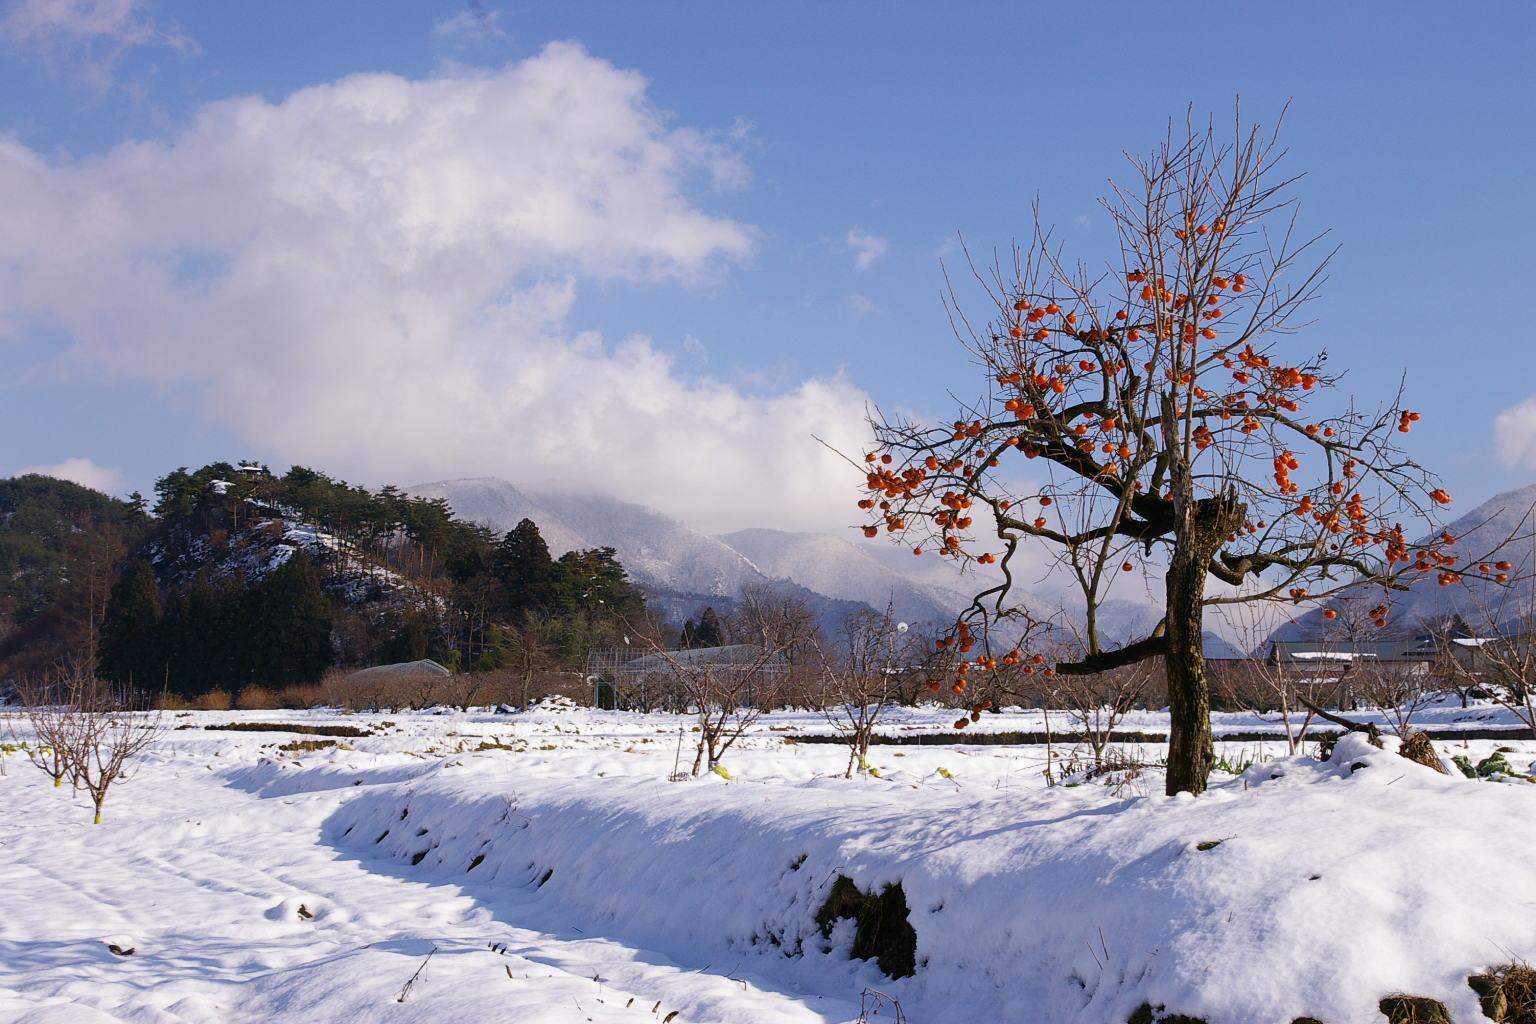 「雪原に1本の柿木」 東根市観音寺 石崎山付近